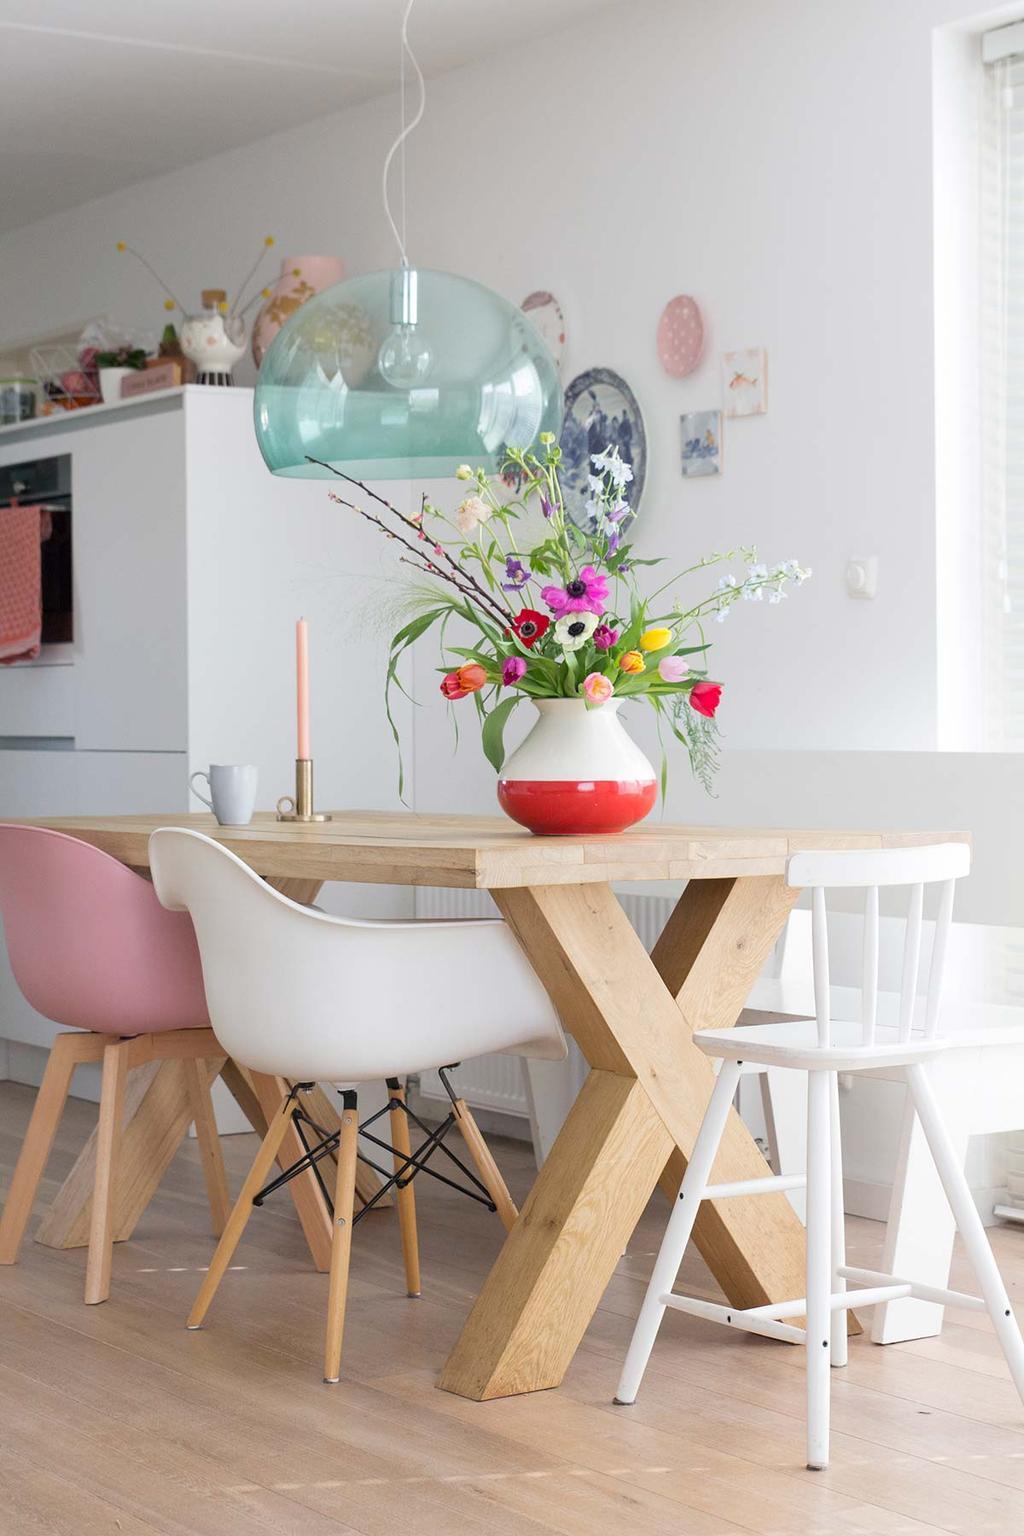 Voorjaarsbloemen in vaas op een houten eettafel